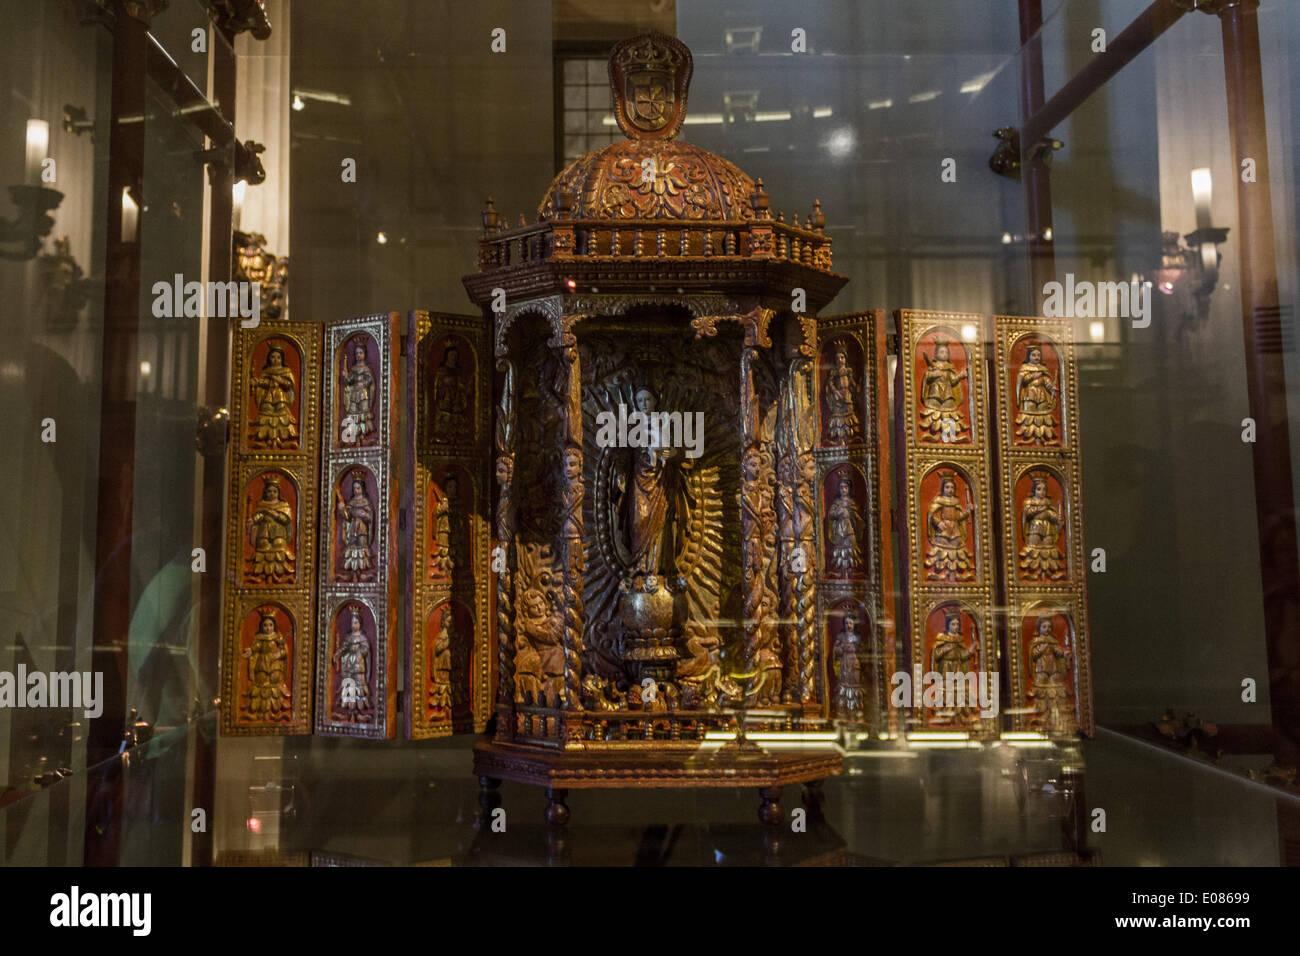 Turin, Italy - 2014:05:05 - From May 7 to September 28, 2014, Palazzo Madama accomodates the exhibit 'Tesori dal Portogallo. Architetture Immaginarie dal Medioevo al Barocco'. (Photo by Elena Aquila / Pacific Press) - Stock Image